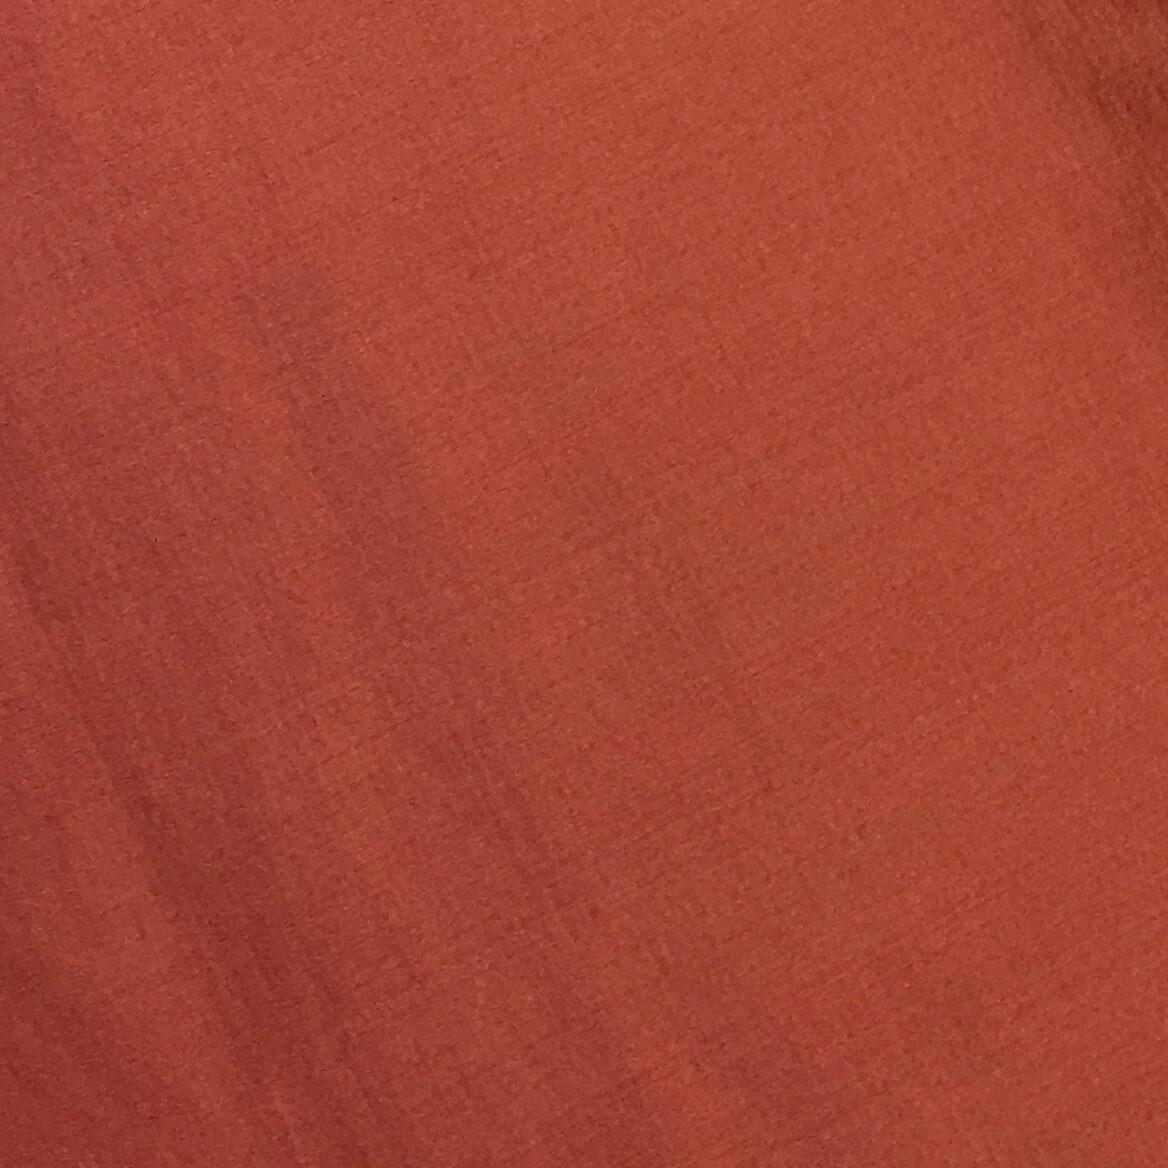 Raso Unito 094-540 corallo | Tessiture Bevilacqua